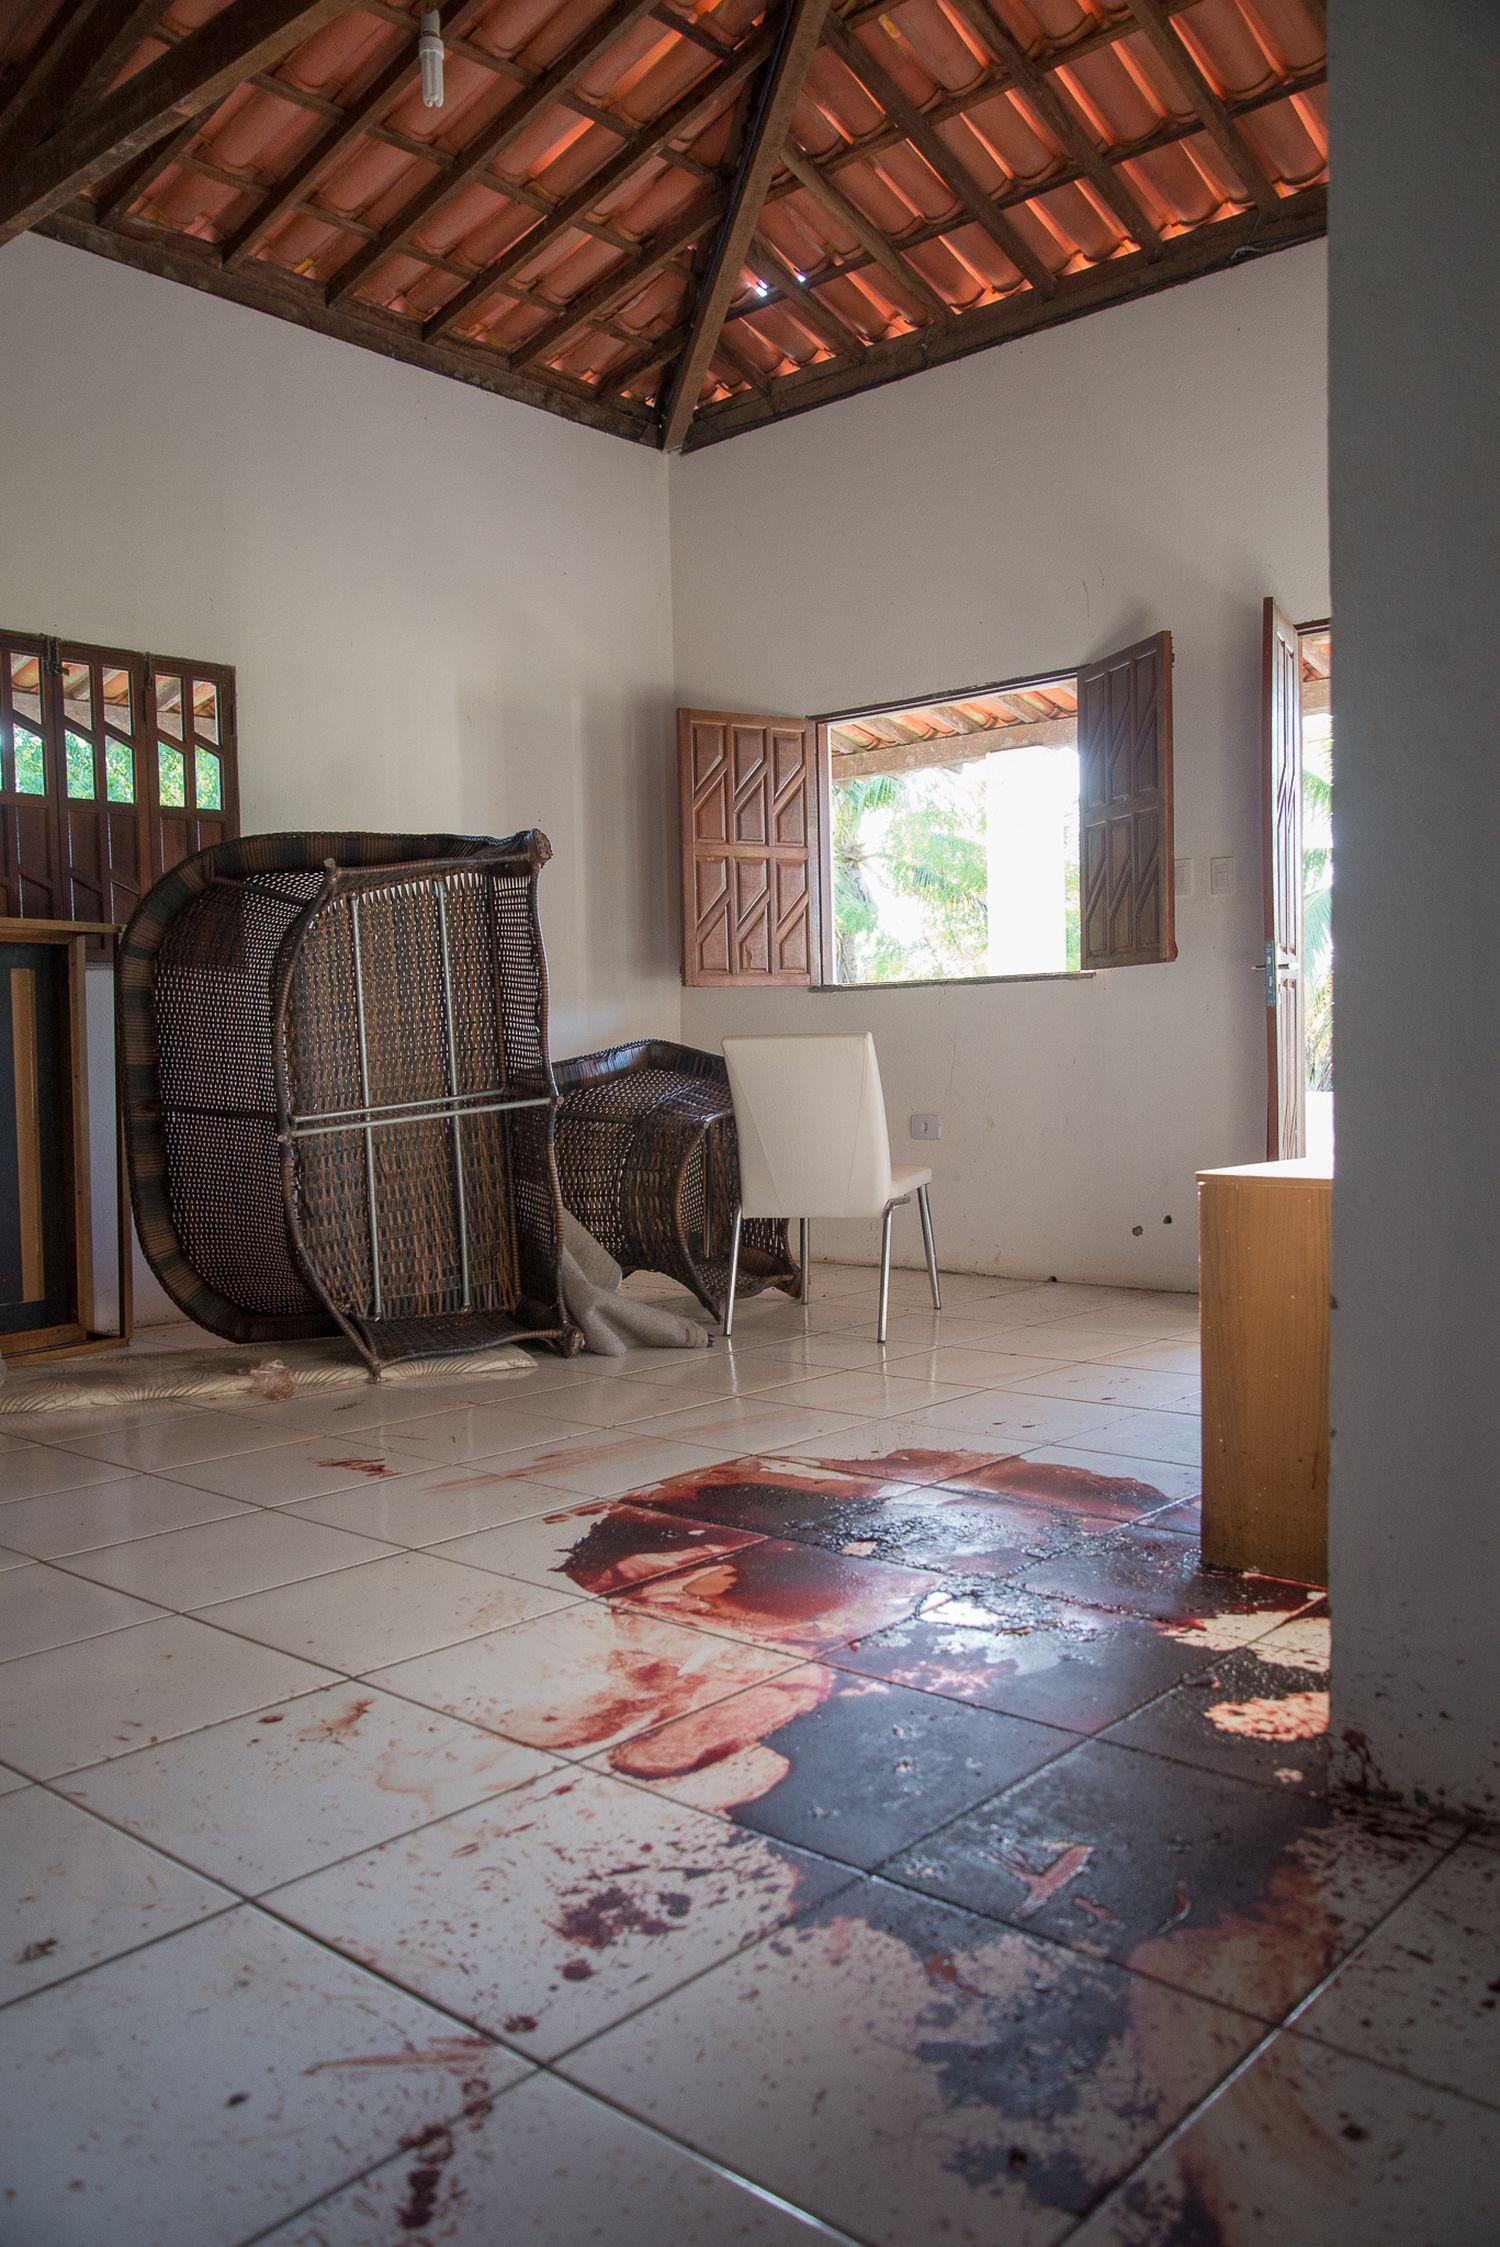 Mancha de sangue em casa em Esplanada (Bahia), onde Adriano Nóbrega foi morto.